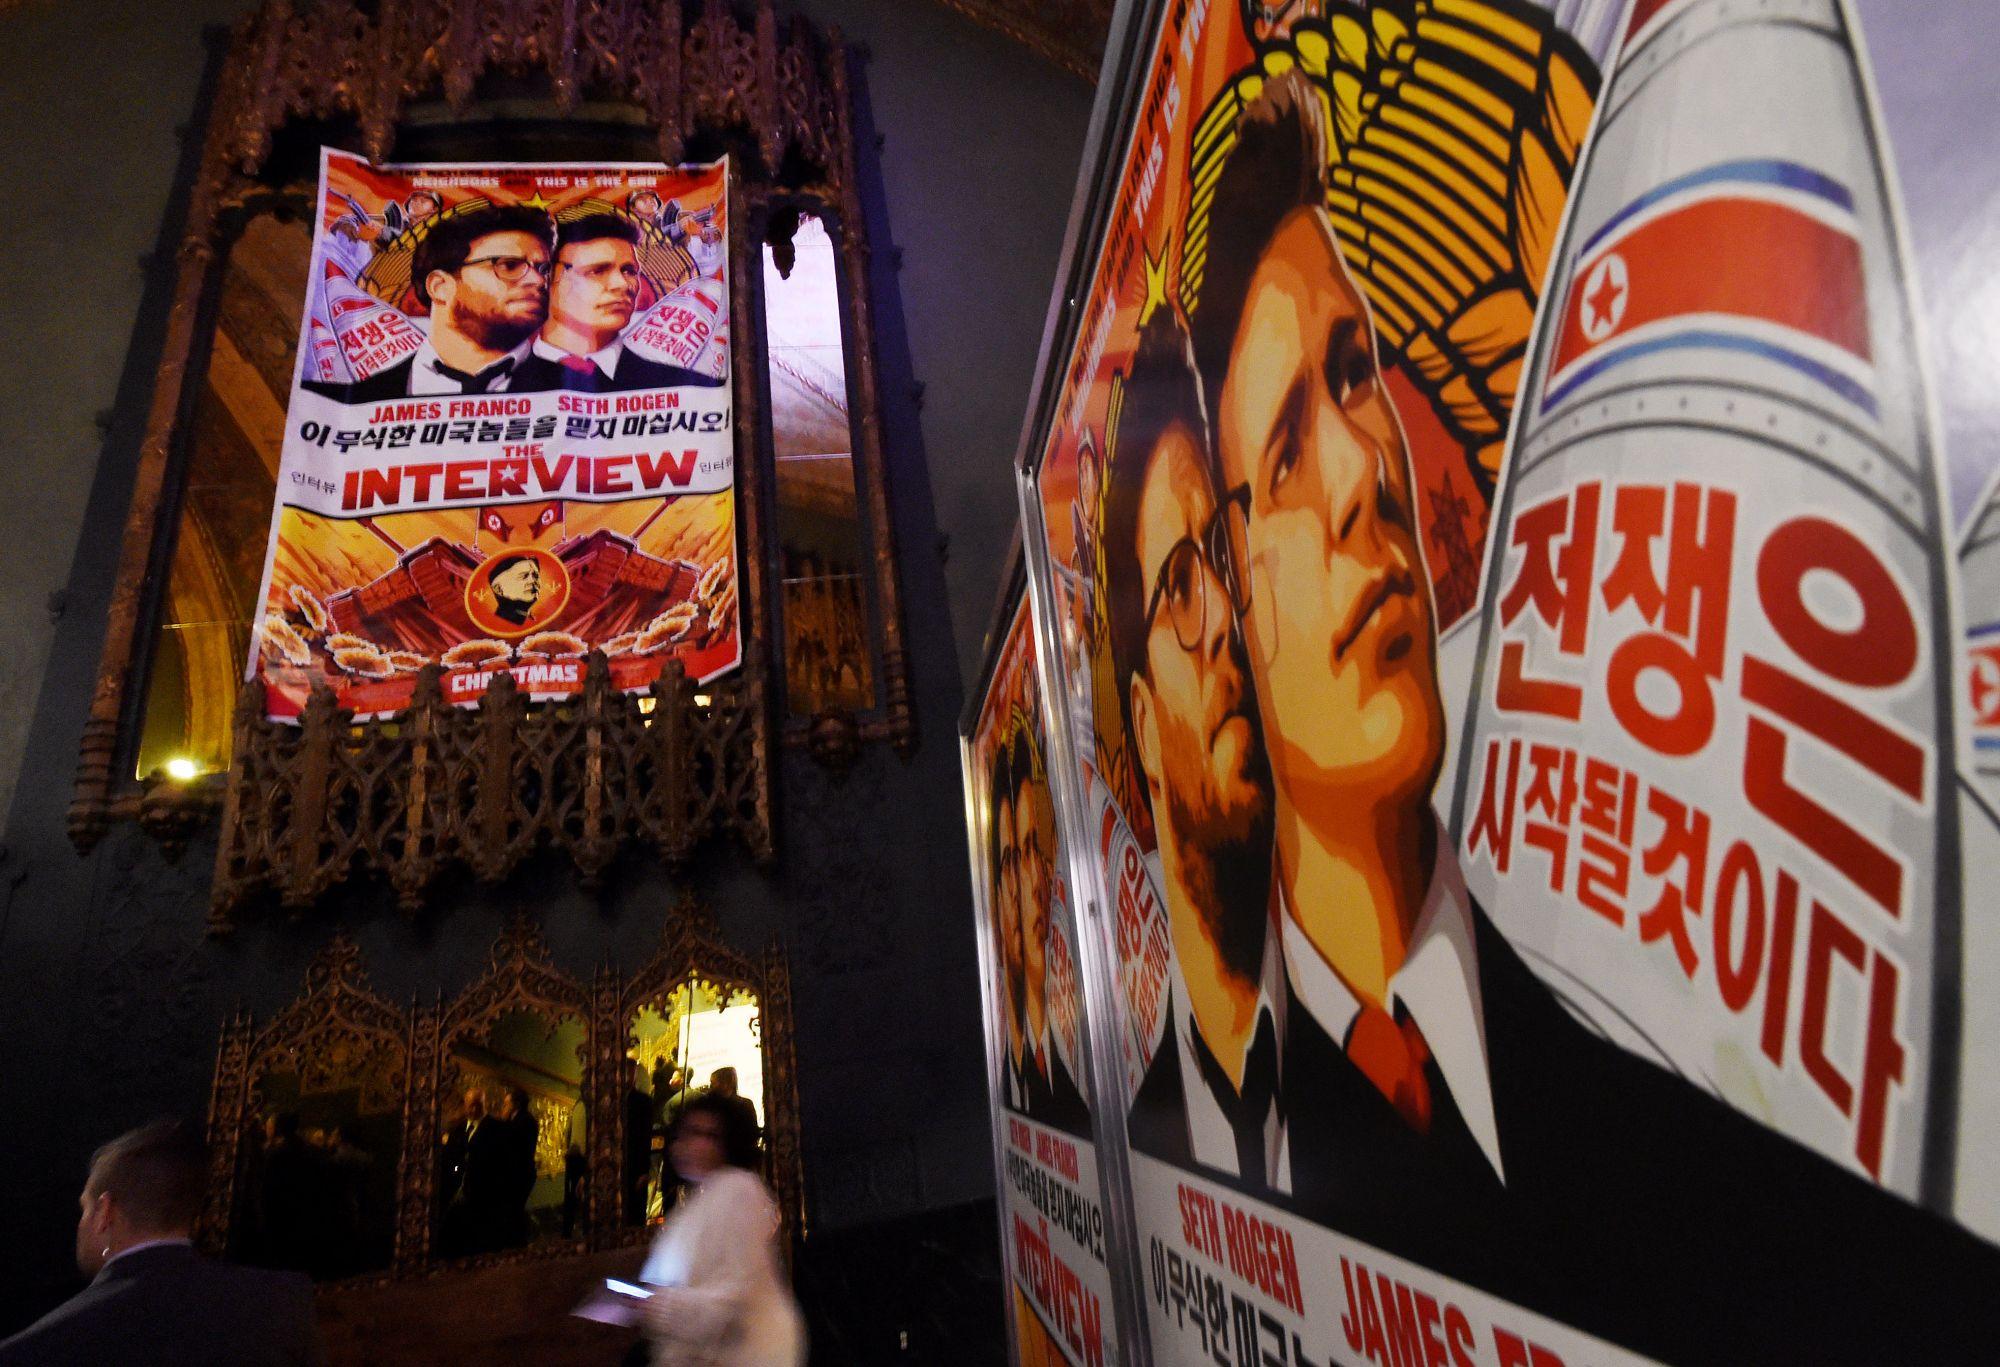 2014. США. Цель: киностудия. Компании Sony Pictures пришлось отменить премьеру фильма «Интервью», в котором показана попытка покушения на лидера Северной Кореи Ким Чен Ына. Мероприятие было сорвано из-за хакерской атаки на компьютерную сеть компании. Американские власти обвинили во взломе КНДР и ввели против страны санкции